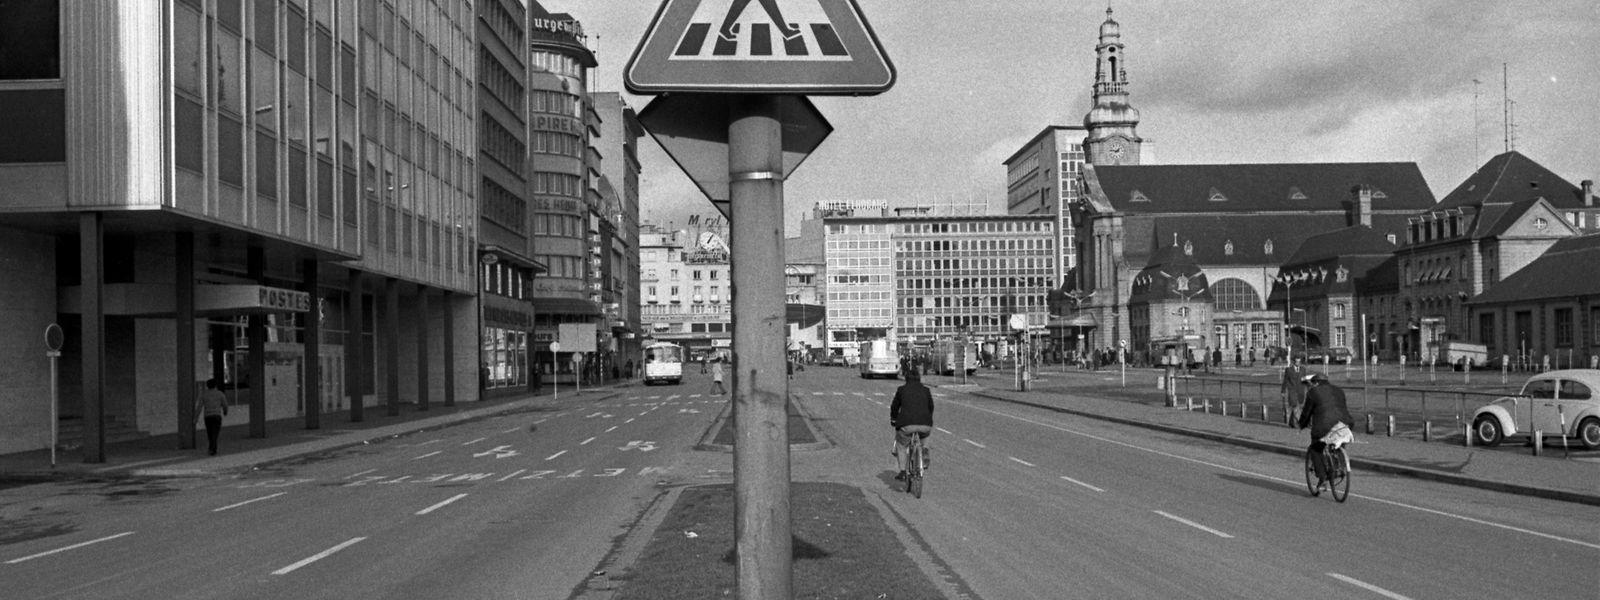 """Die Antwort auf das arabische Embargo: Beim Erdölverbrauch muss unbedingt gespart werden: Wie andere Länder auch führte Luxemburg im November 1973 vier """"autofreie Sonntage"""" ein."""